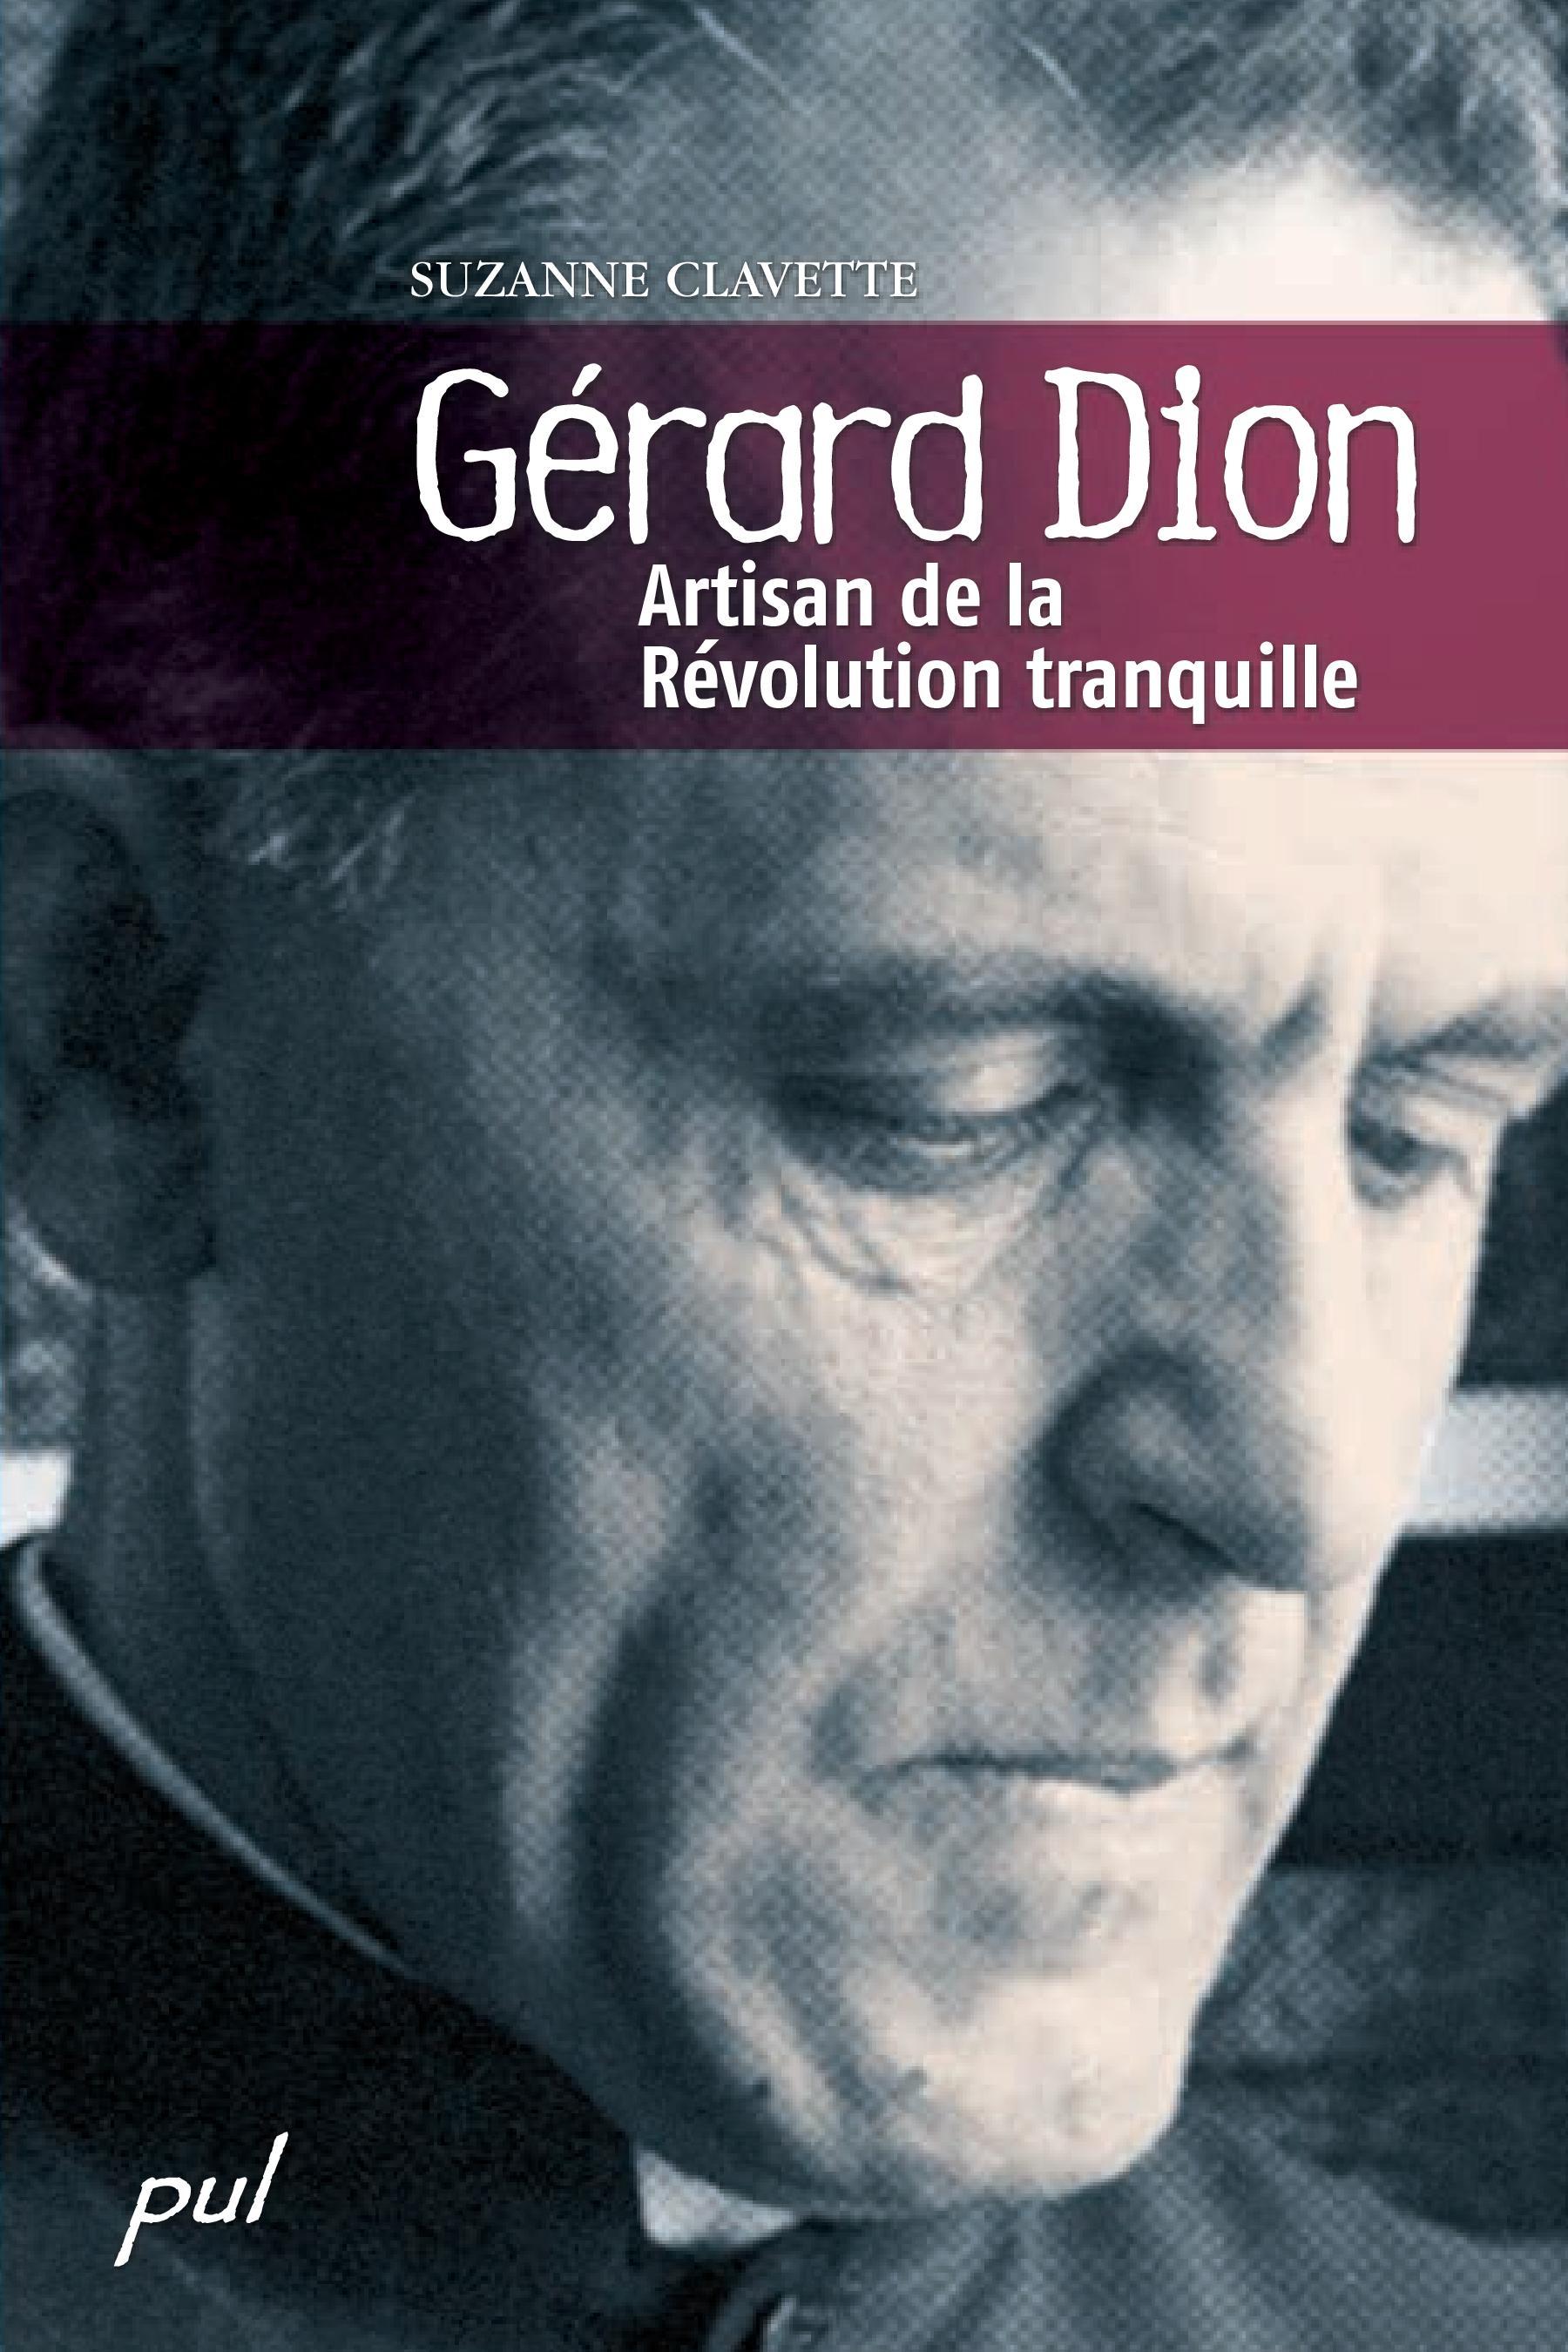 Gérard Dion : artisan de la Révolution tranquille